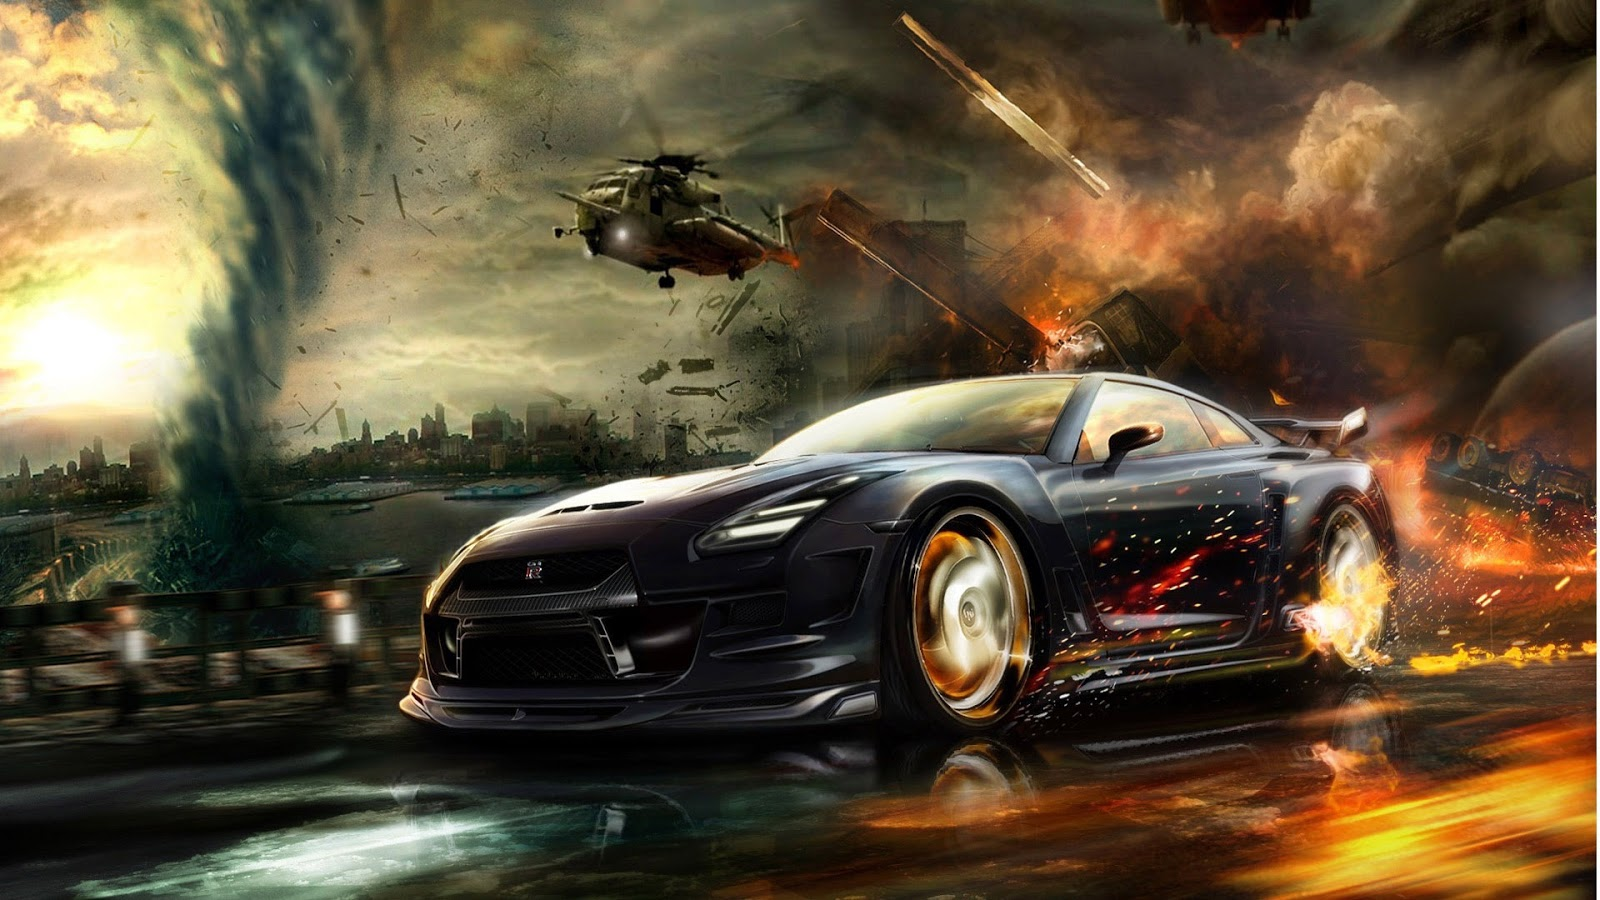 Cool Car Games Wallpaper 1600x900